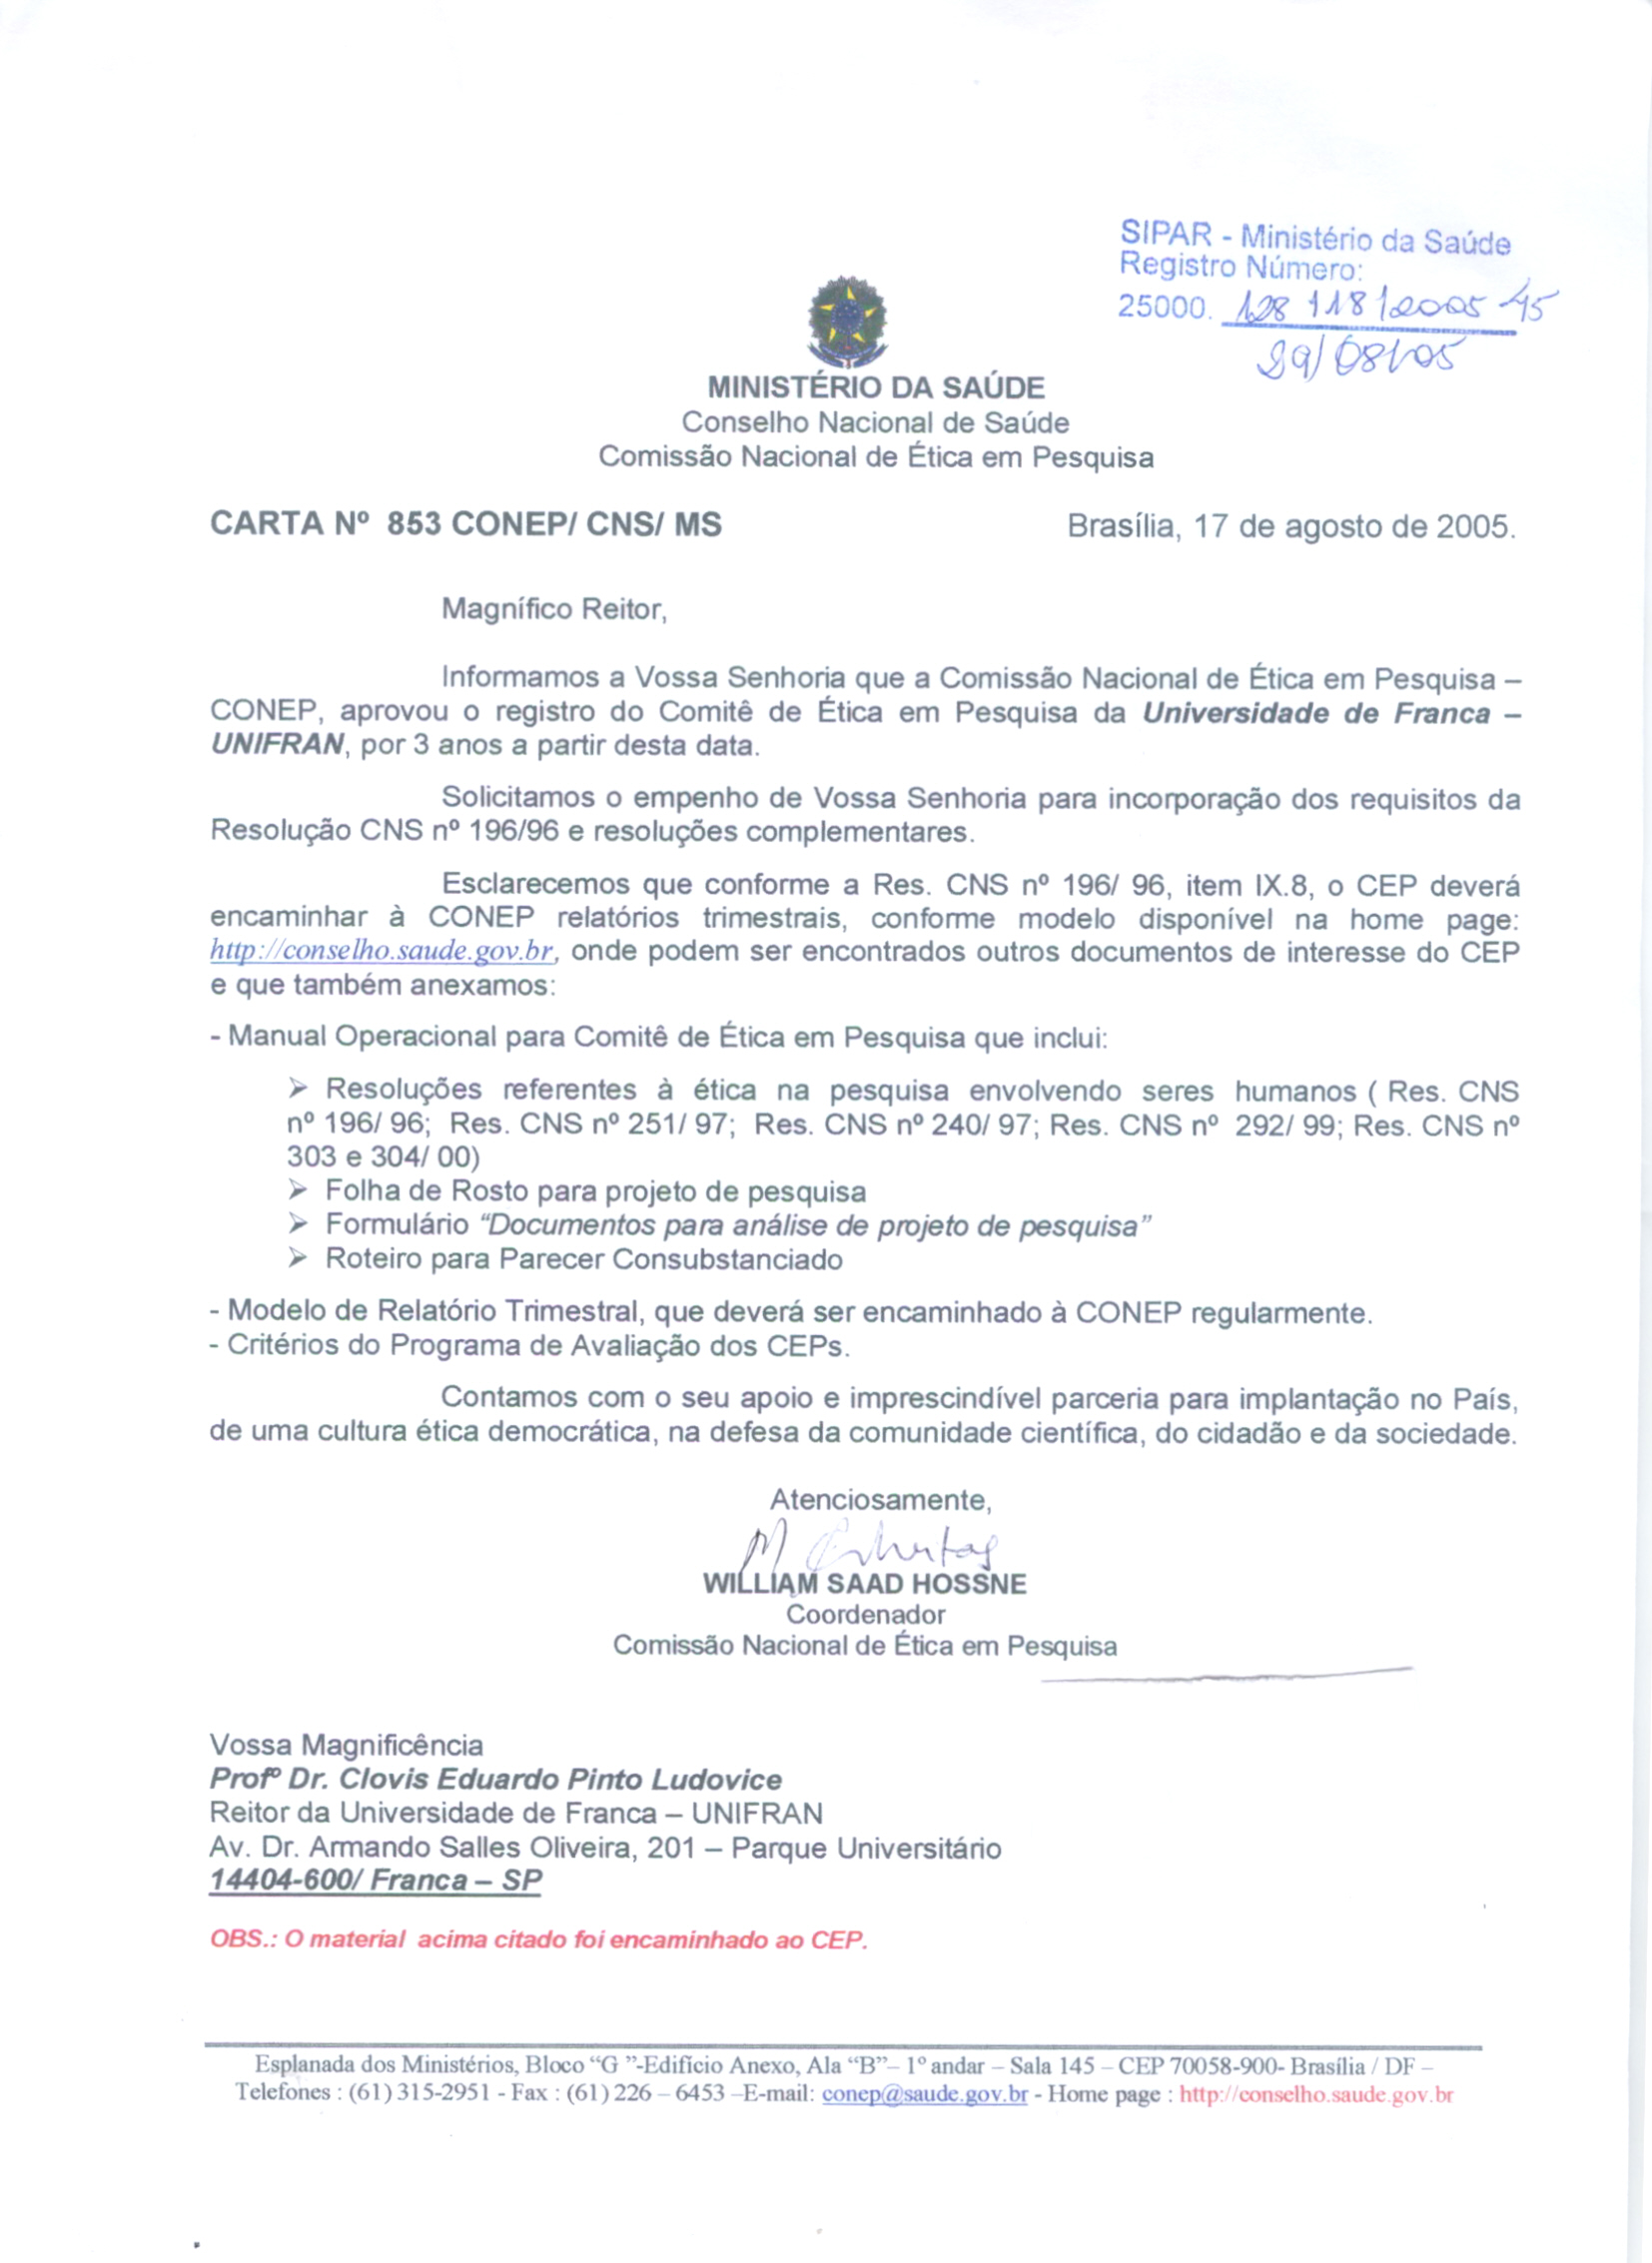 3b94e6facc83a Aprovação do registro do Comitê de Ética da Universidade de Franca